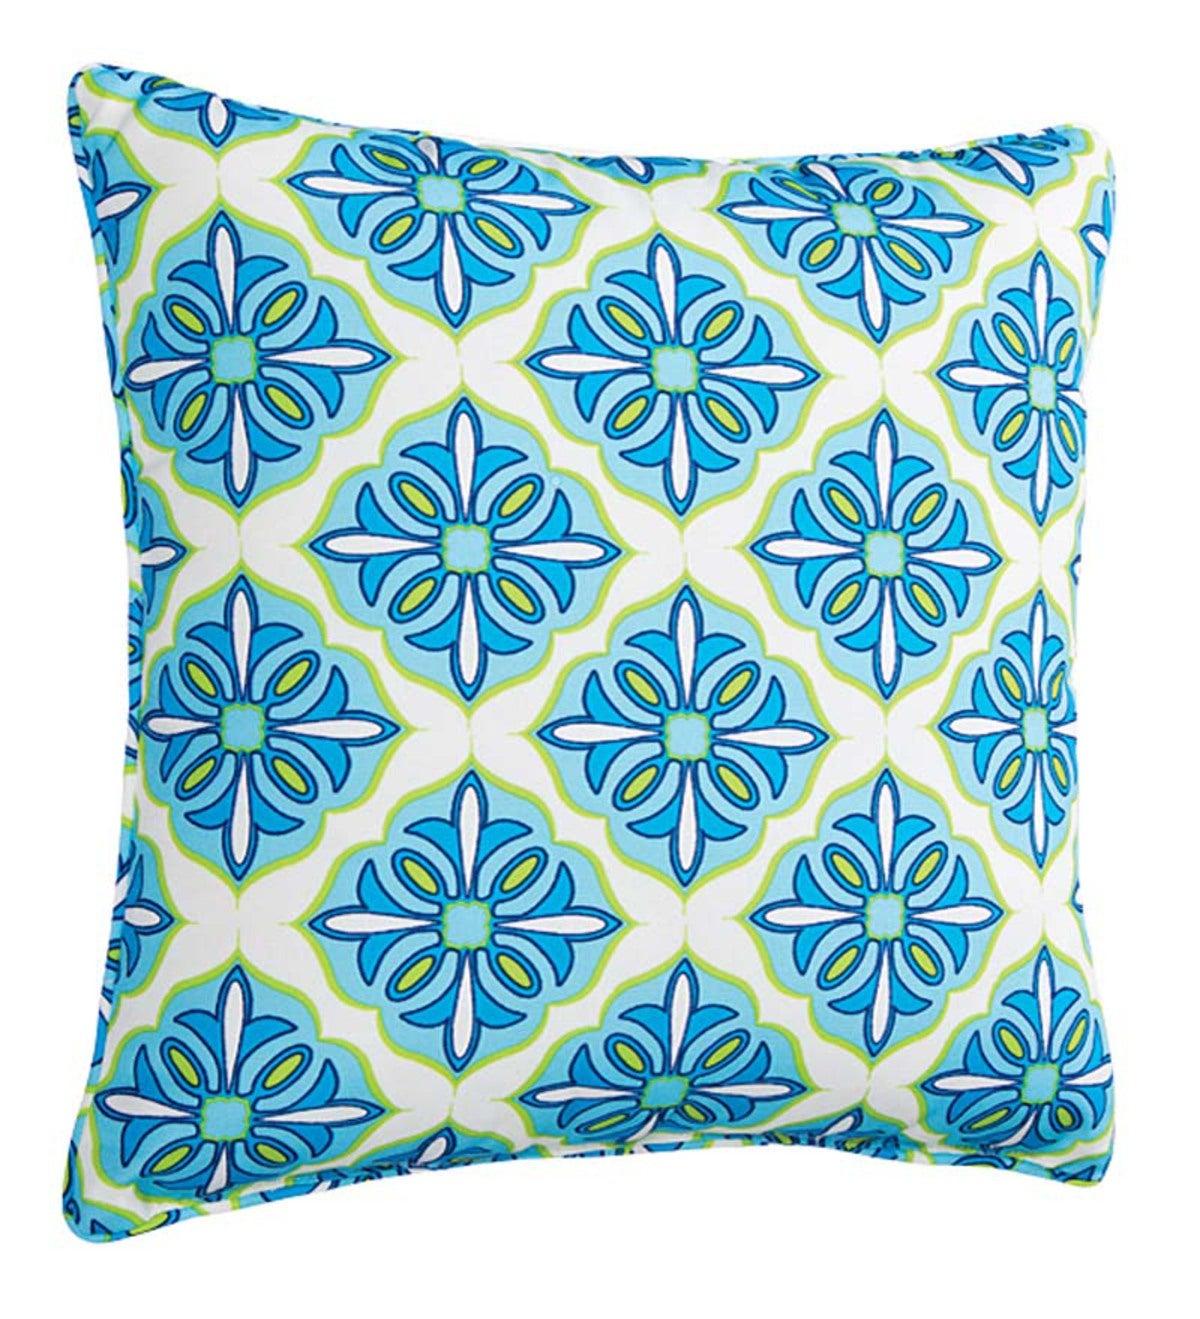 Newport Indoor Outdoor Throw Pillow Plowhearth